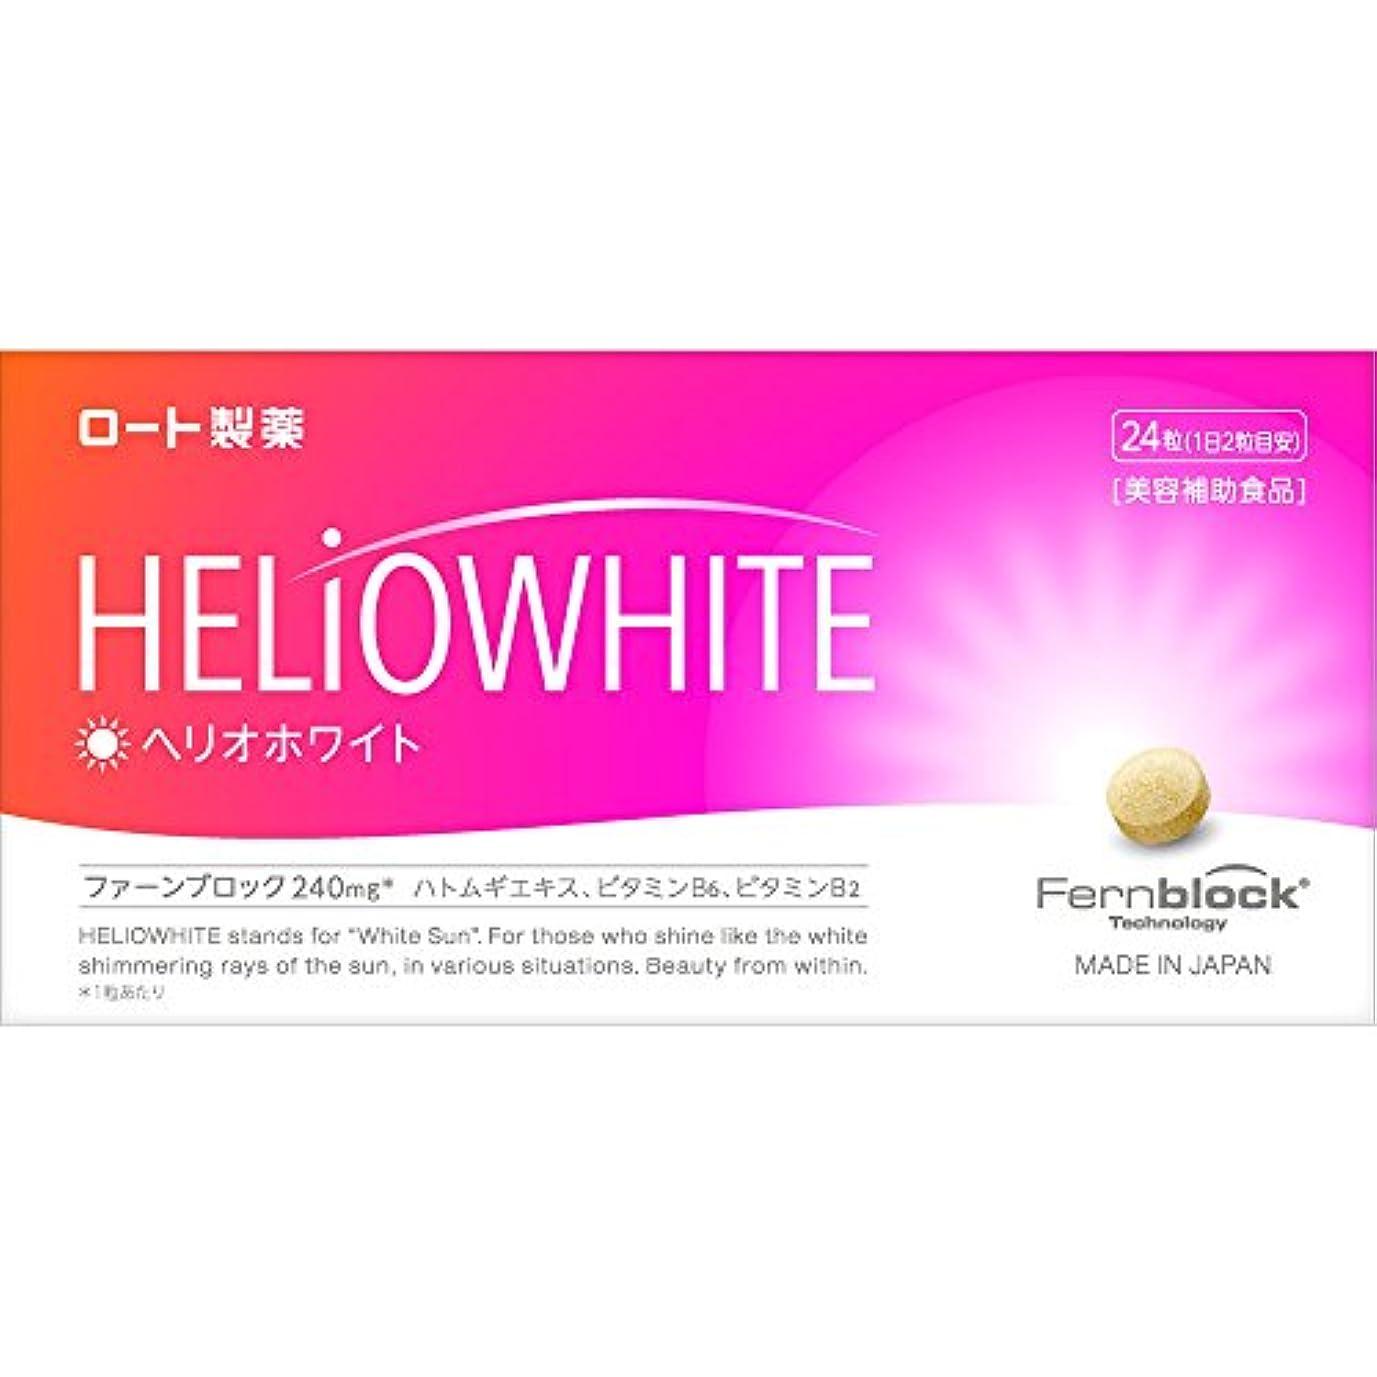 ファウル凶暴なテントロート製薬 ヘリオホワイト 24粒 シダ植物抽出成分 ファーンブロック Fernblock 240mg 配合 美容補助食品